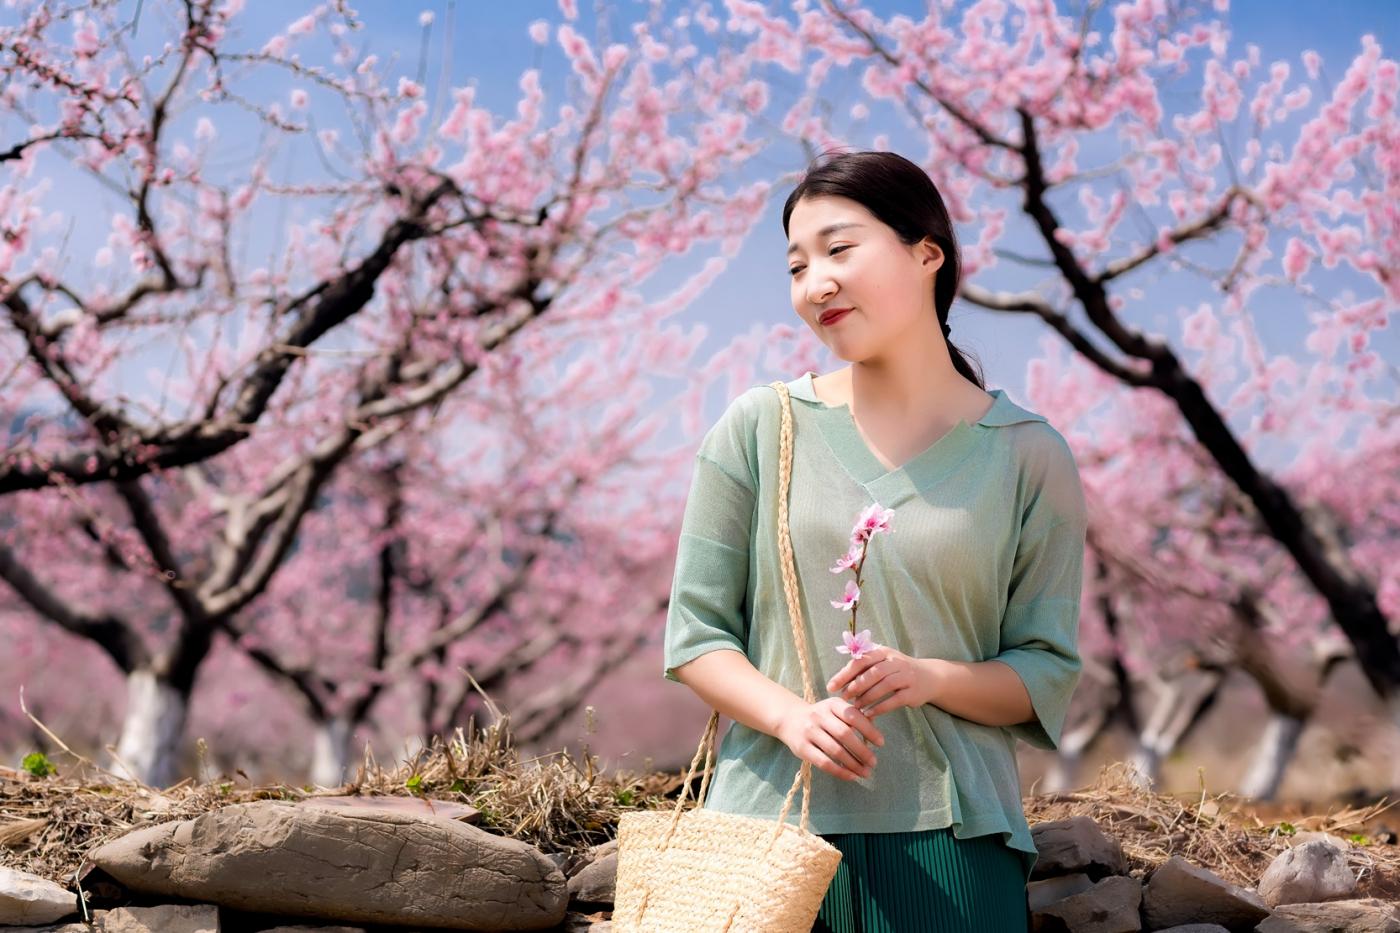 清明时节踏春的临沂女孩们_图1-24